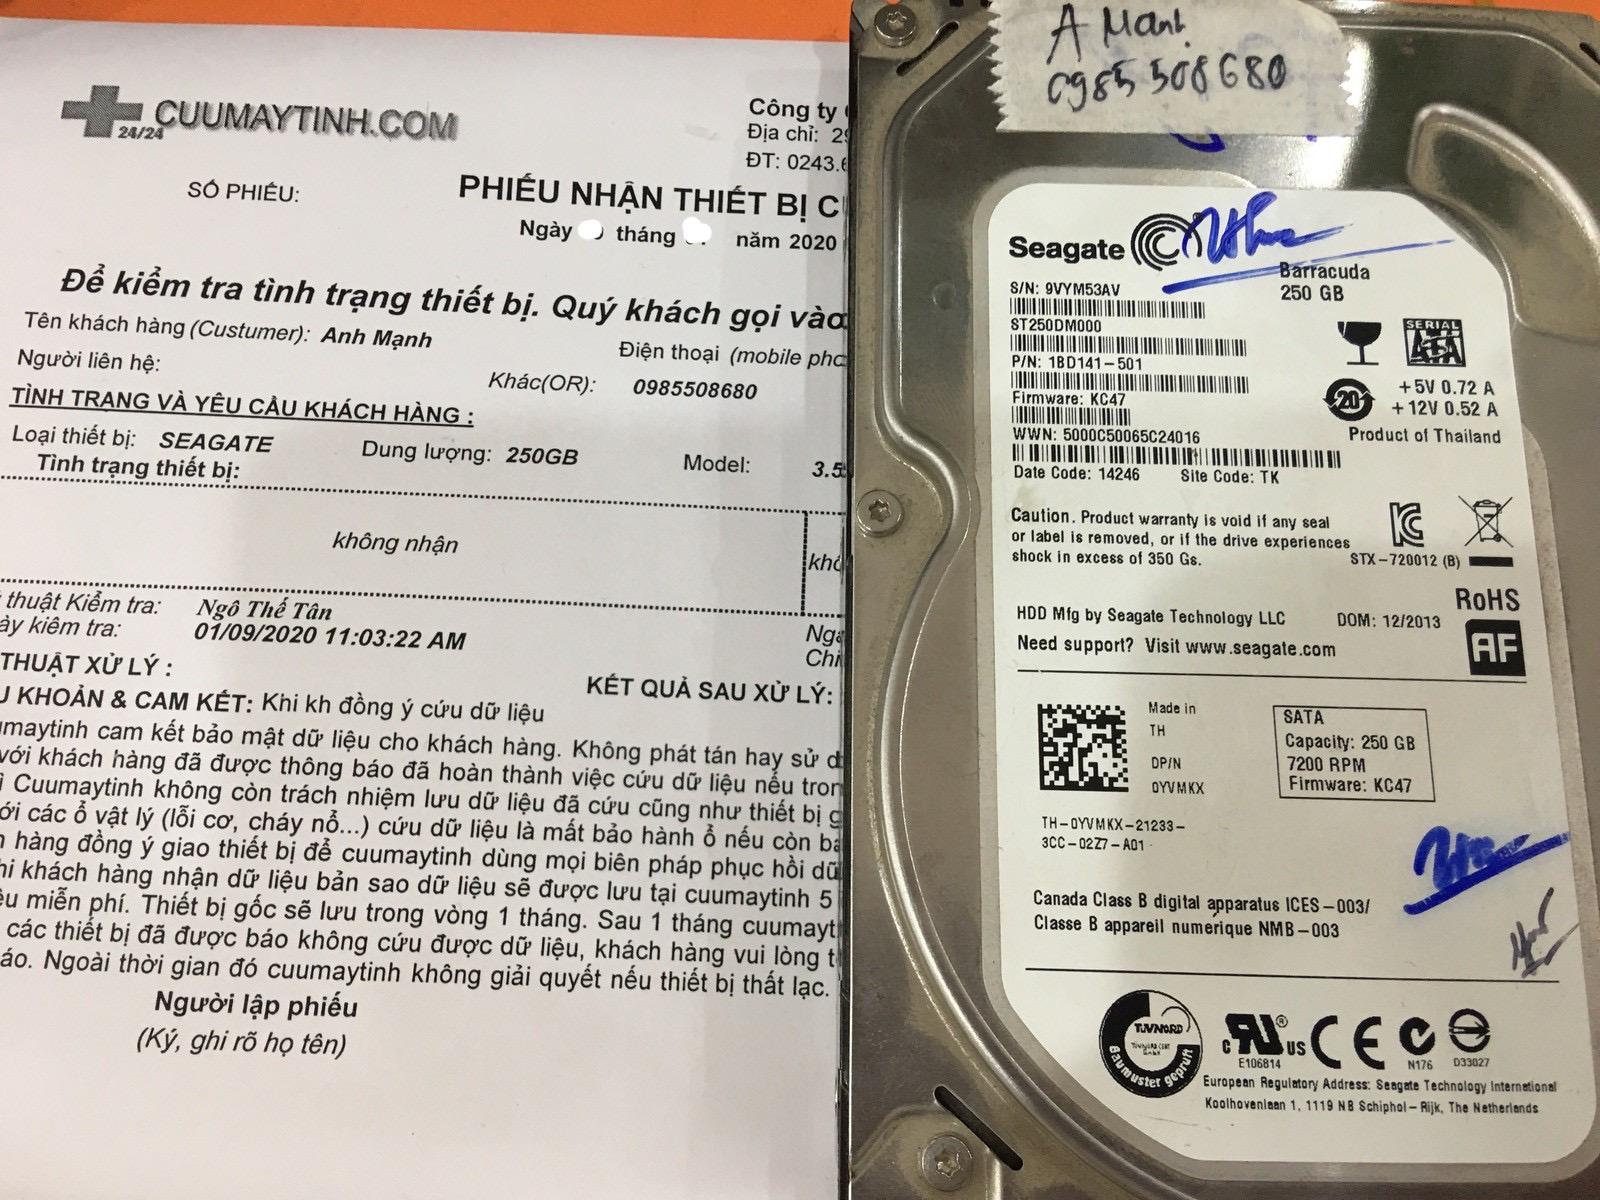 Phục hồi dữ liệu ổ cứng Seagate 250GB không nhận 07/03/2020 - cuumaytinh